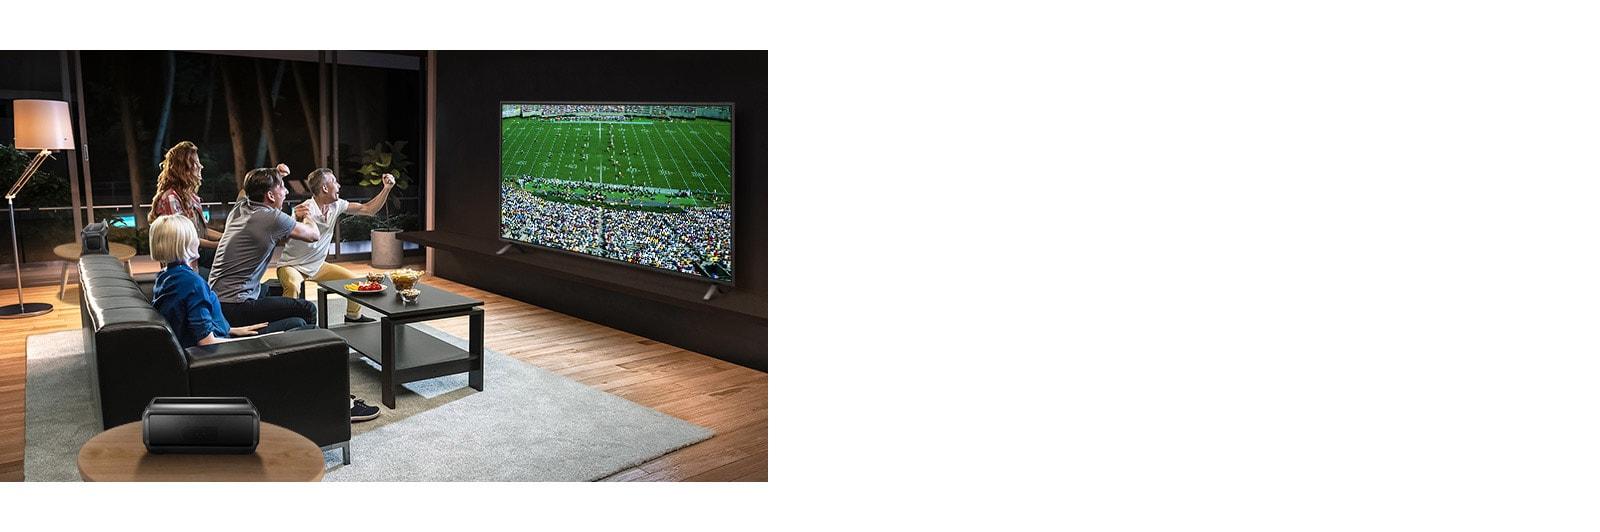 Personnes regardant un jeu de sport sur un téléviseur dans un salon avec des haut-parleurs arrière Bluetooth.